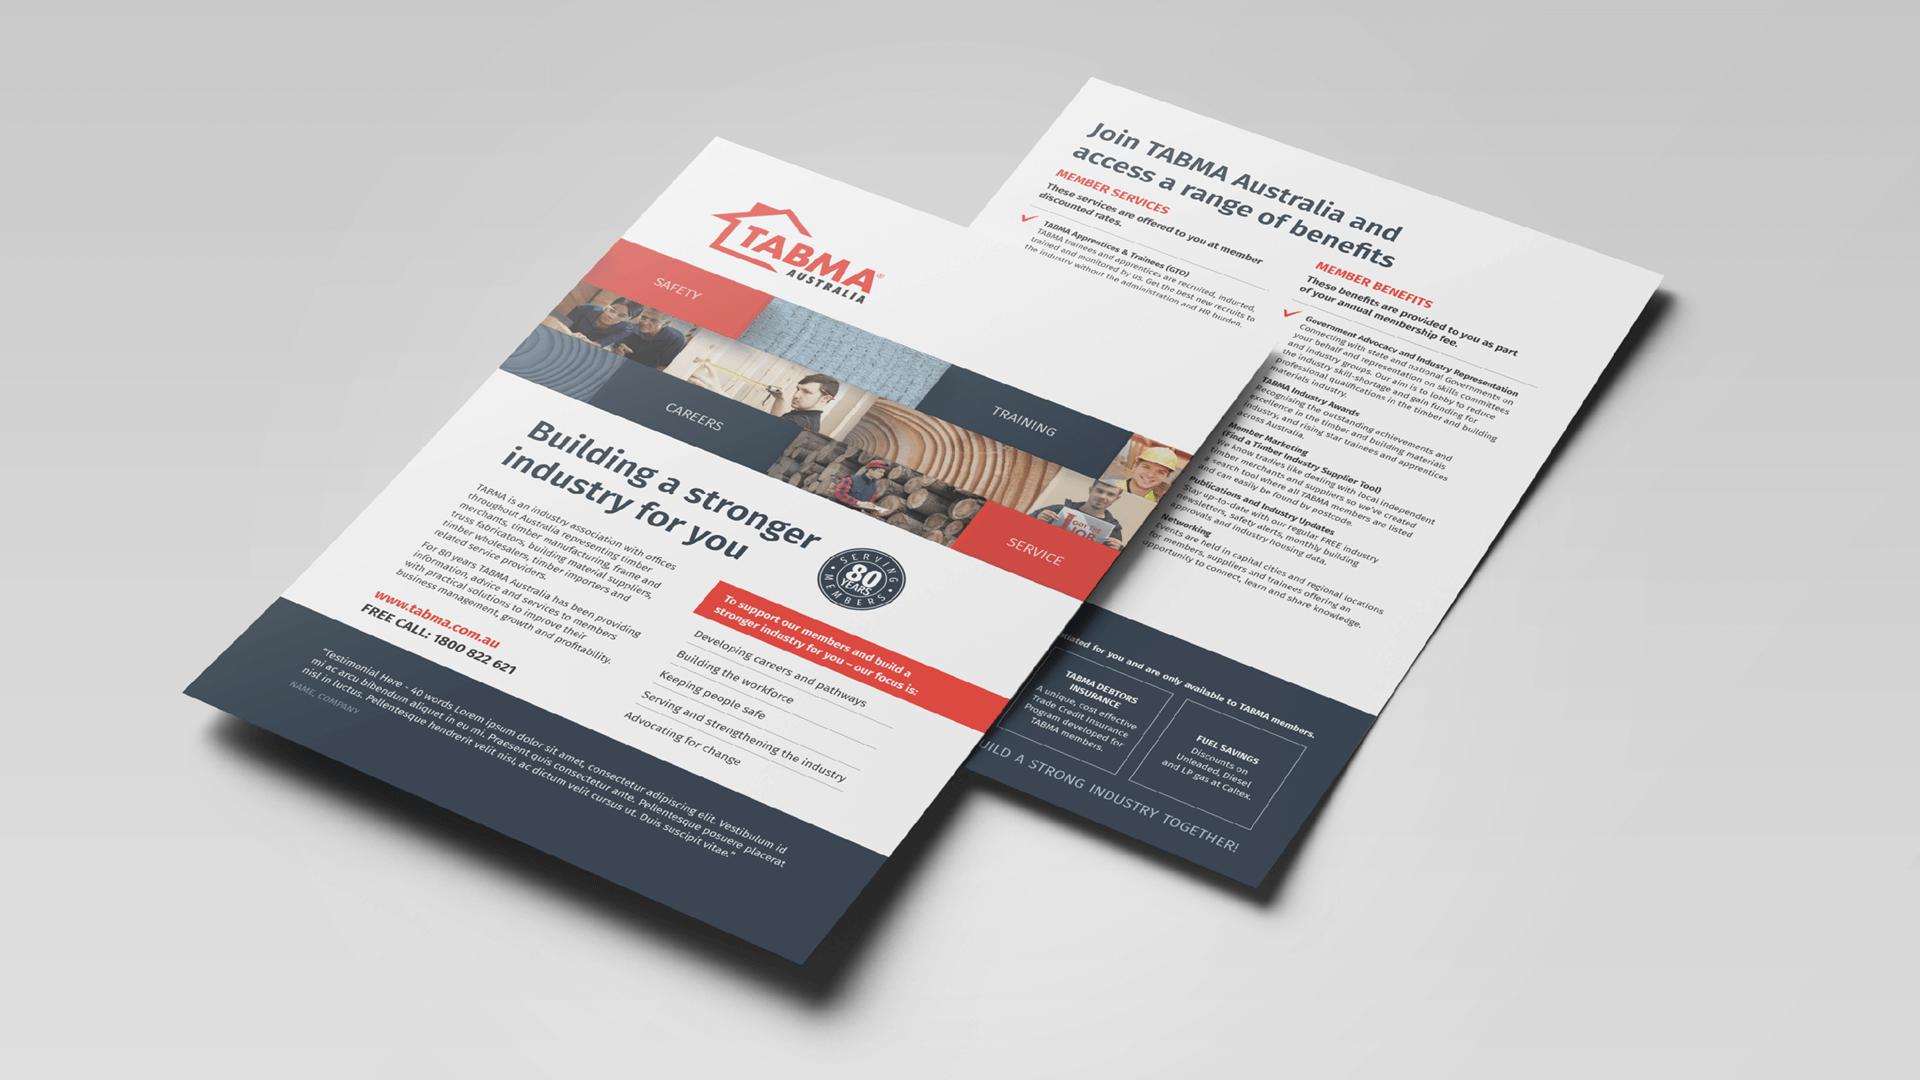 TABMA - Zadro Agency